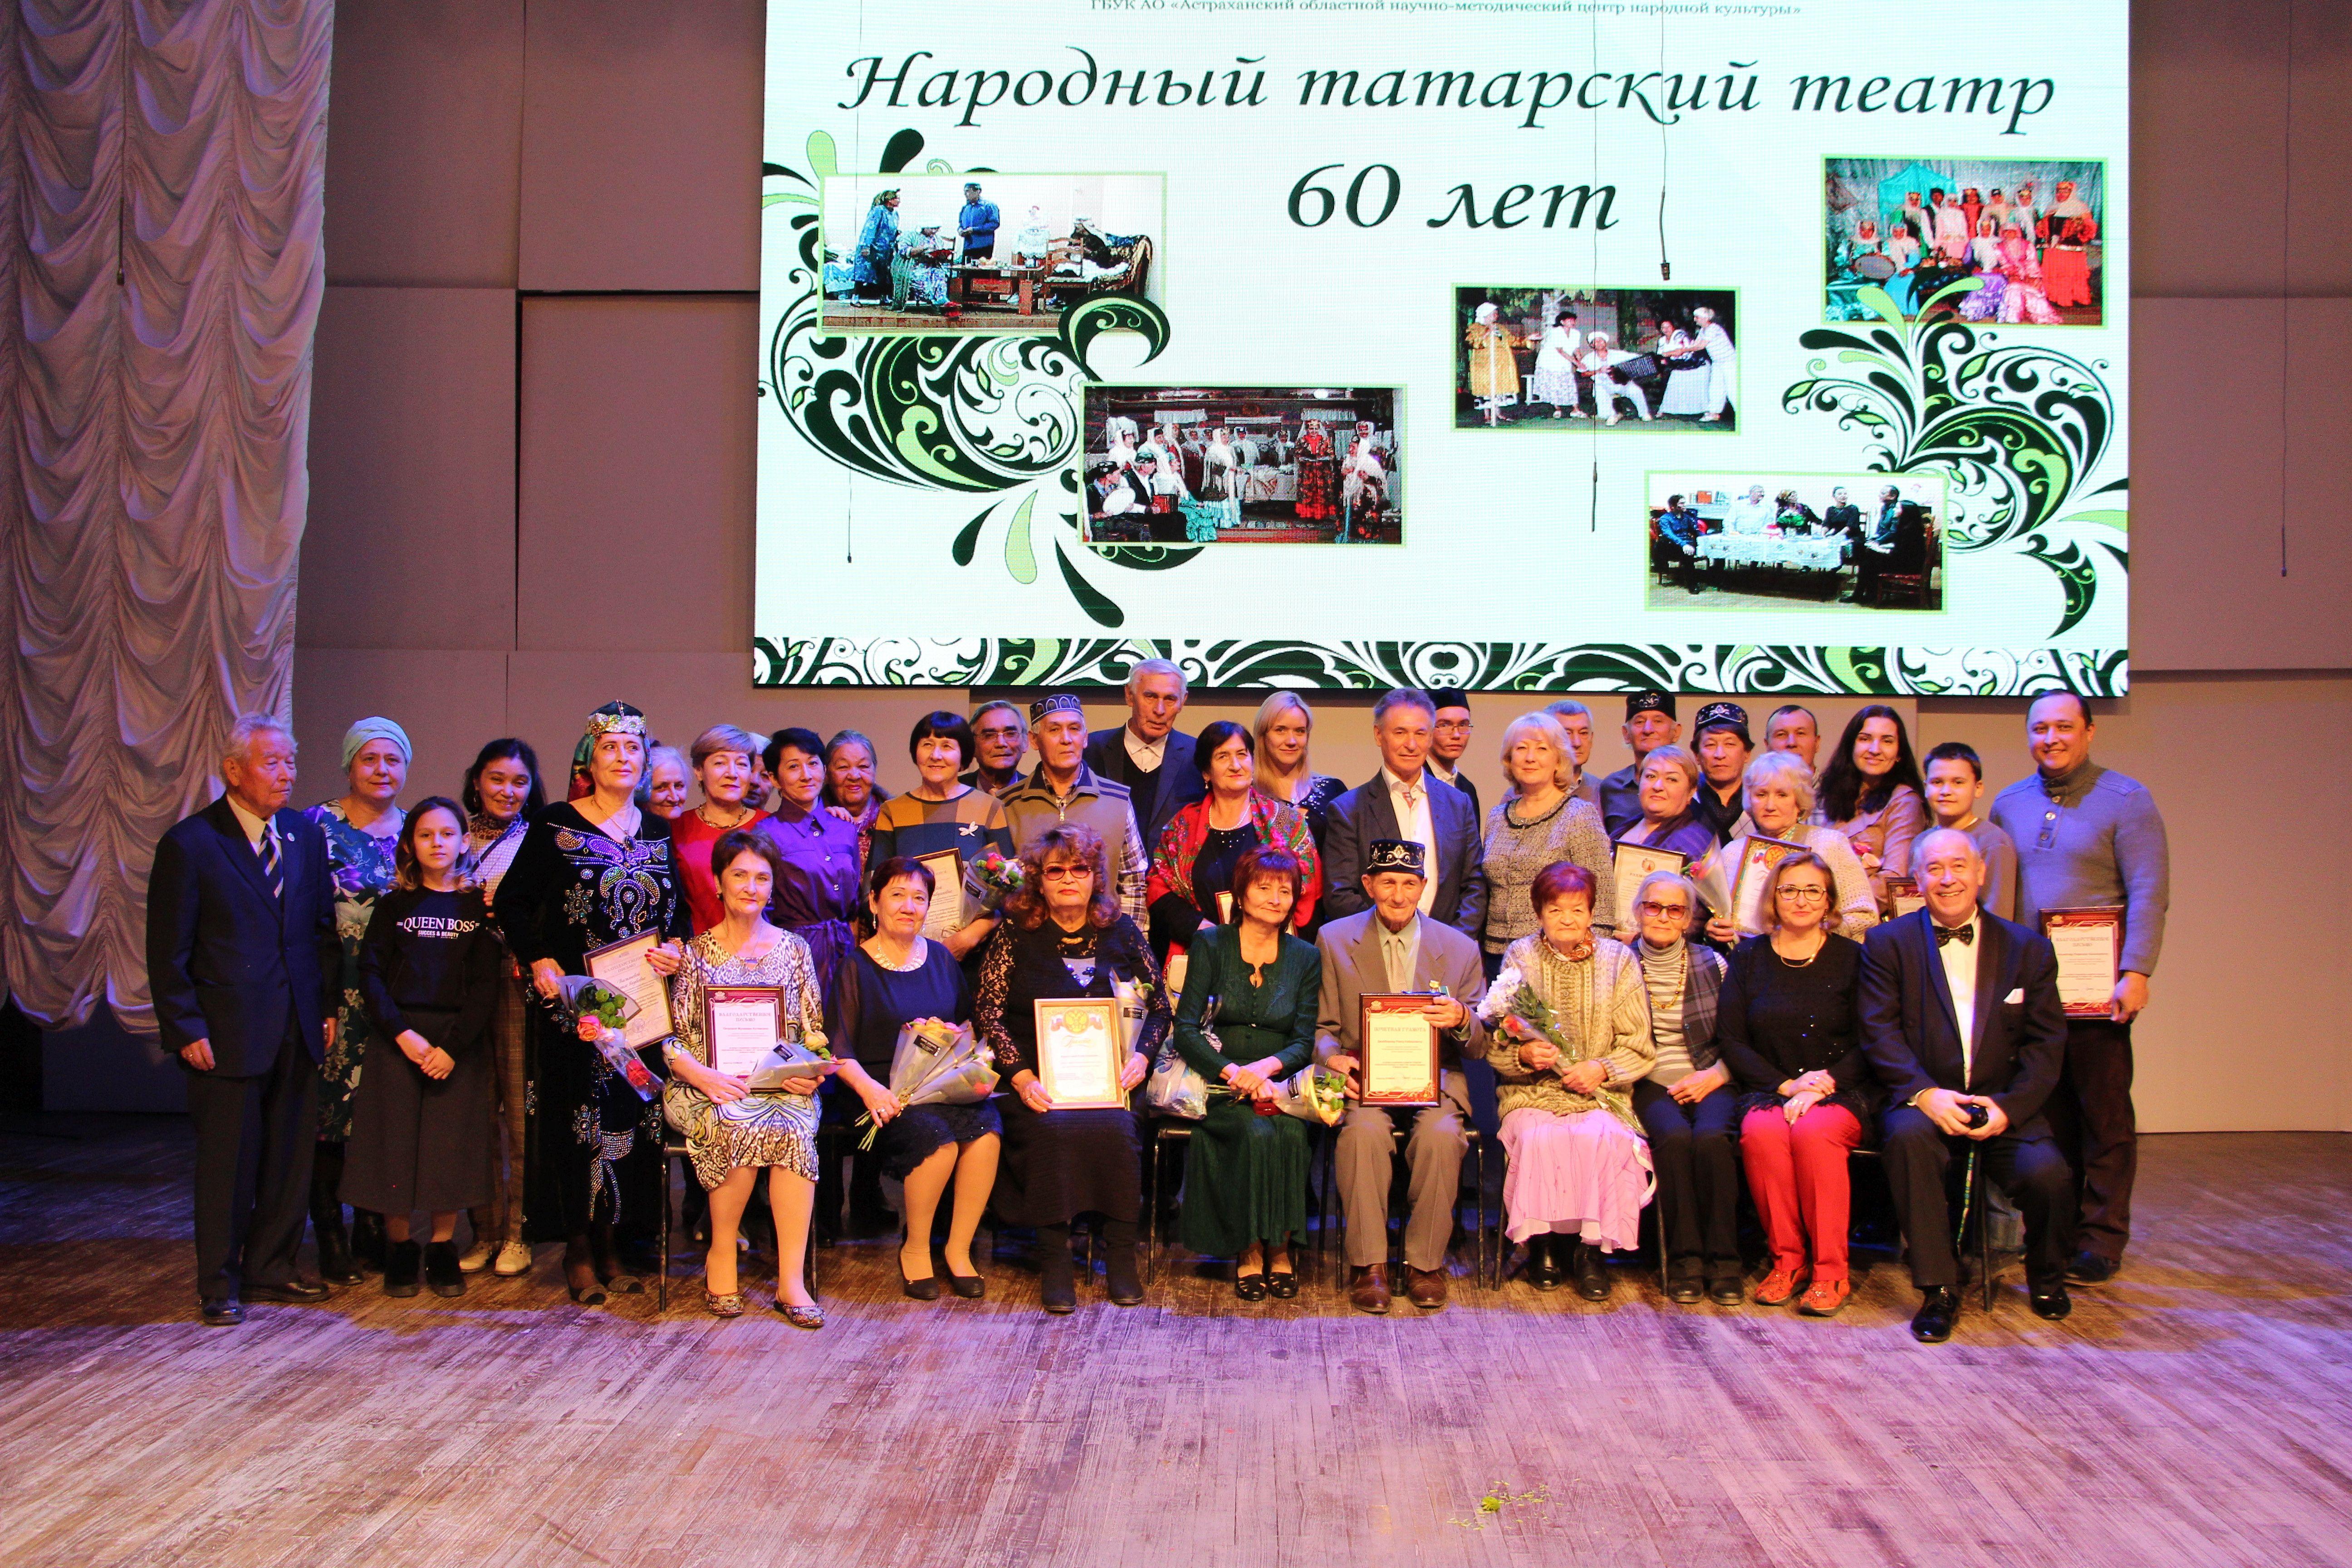 Народный татарский театр отметил свой 60 летний юбилей